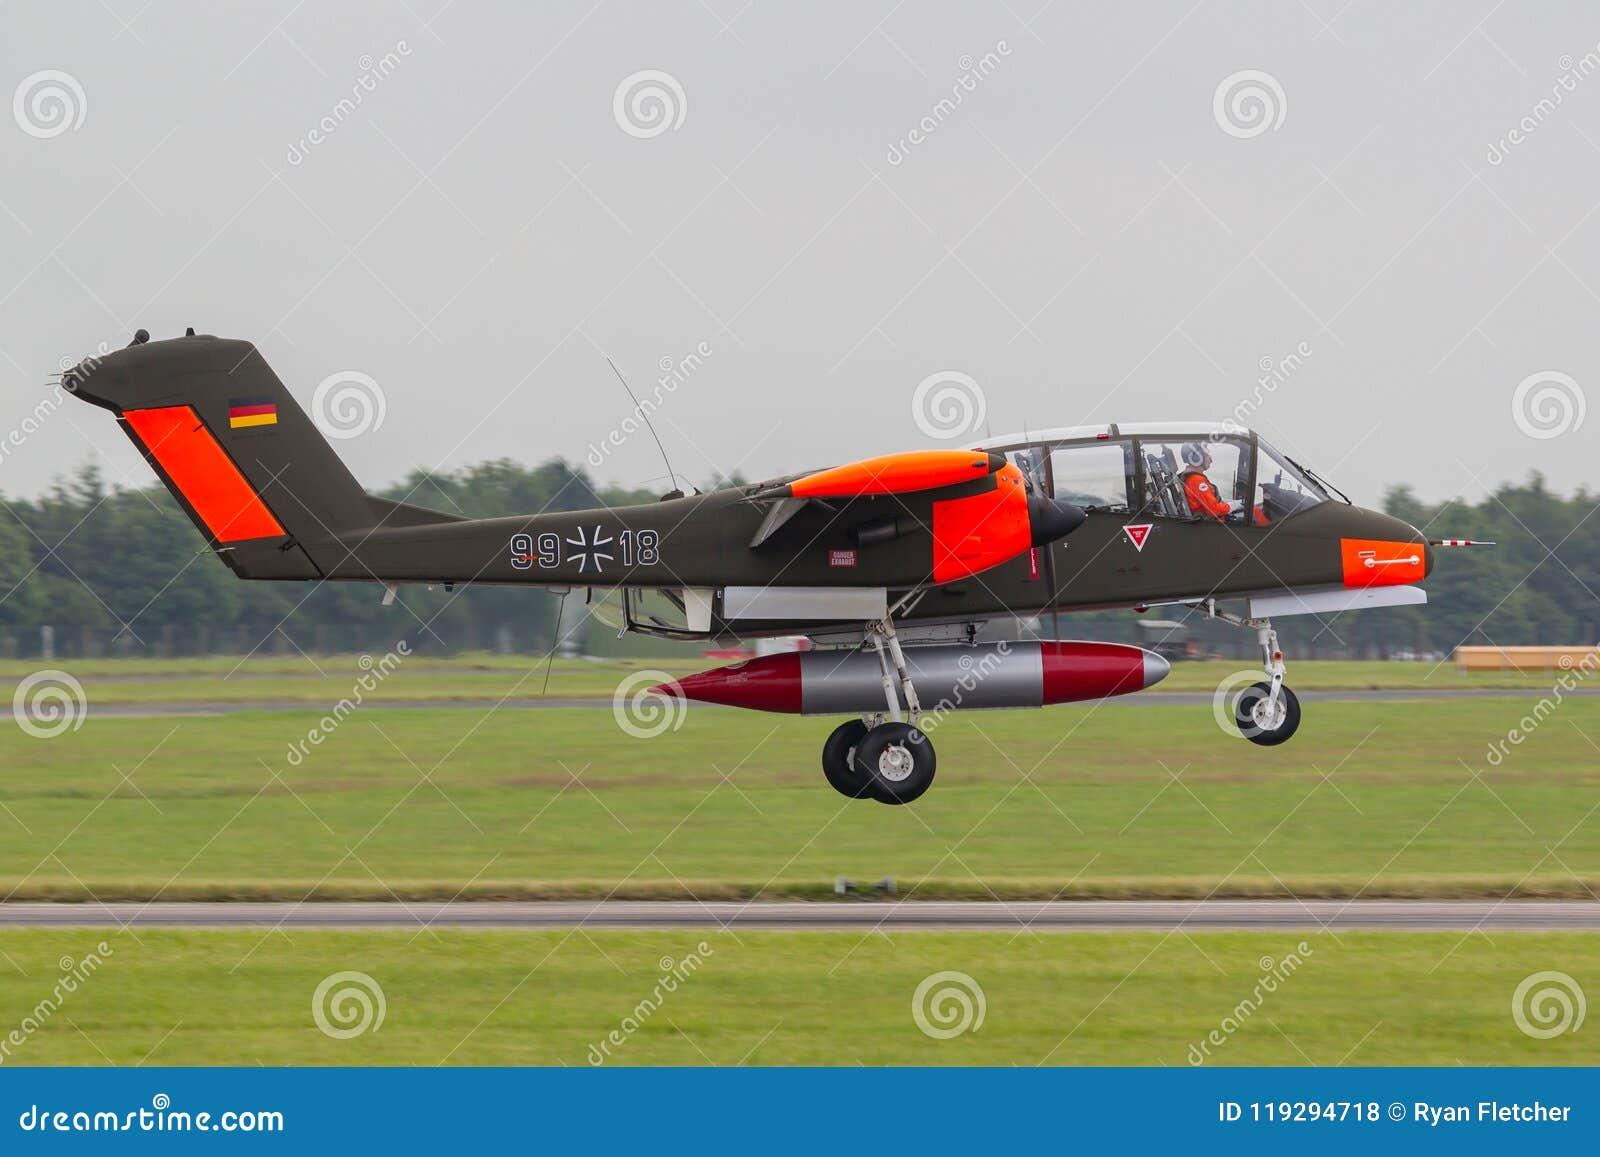 Aviones de la insurrección contraria bimotora de la fuerza aérea del caballo salvaje alemán anterior de norteamericano Rockwell O